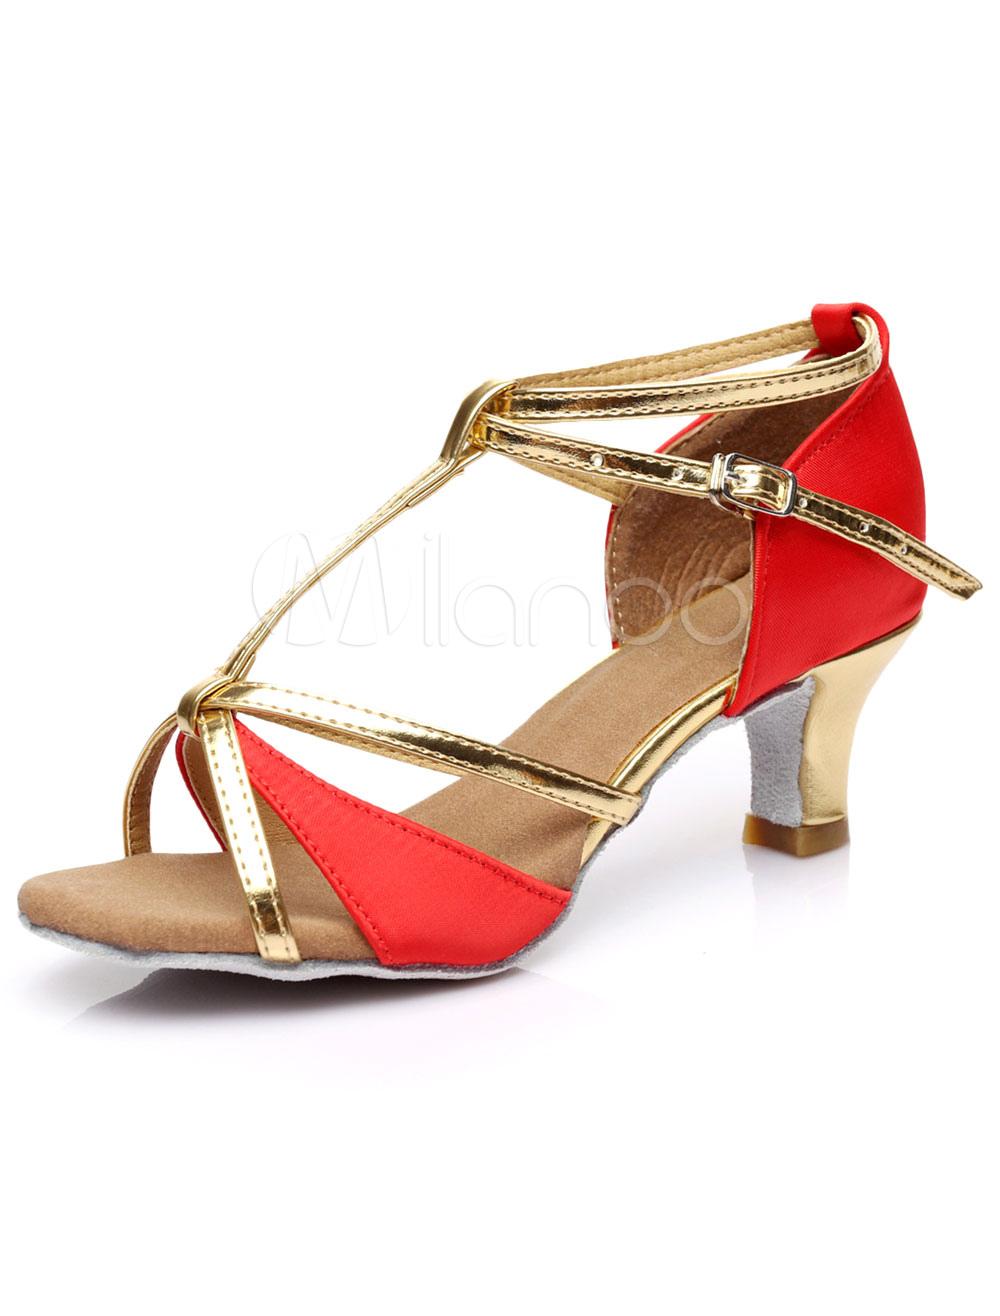 Zapatos Peep toe de tela con lentejuelas de color oro Jn0o7ox1yS